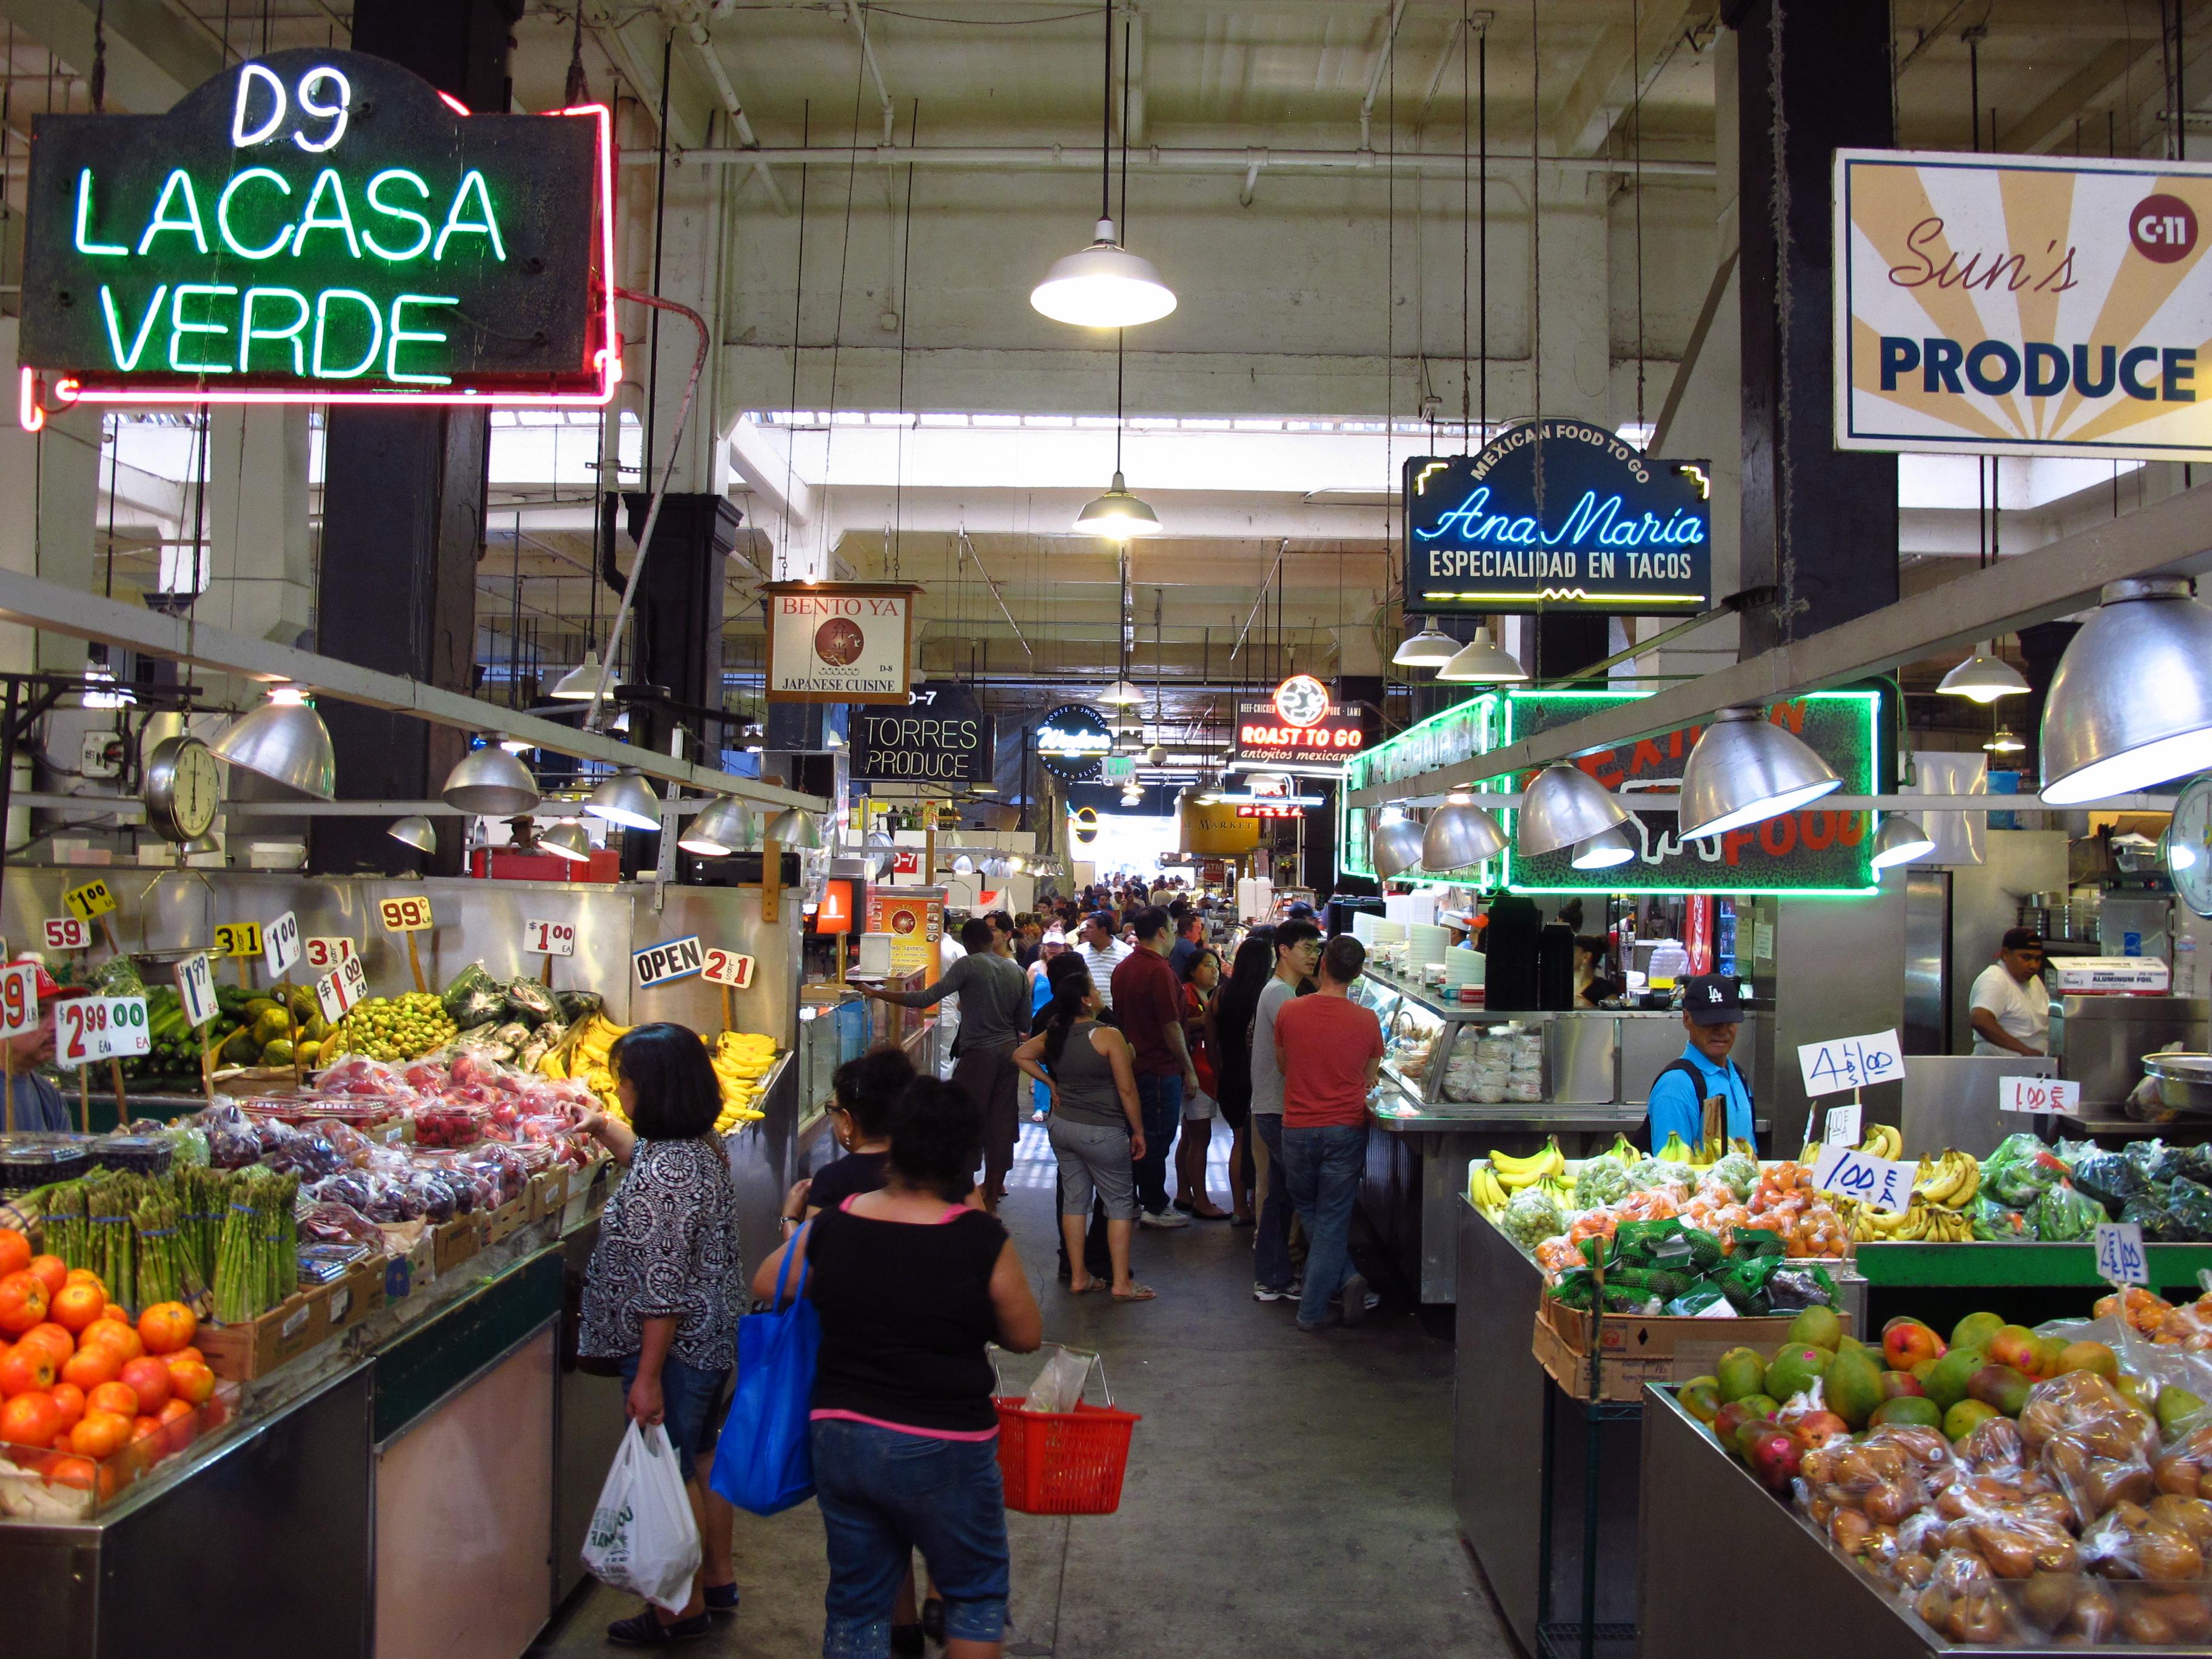 La Casa Verde, Grand Central Market, LA